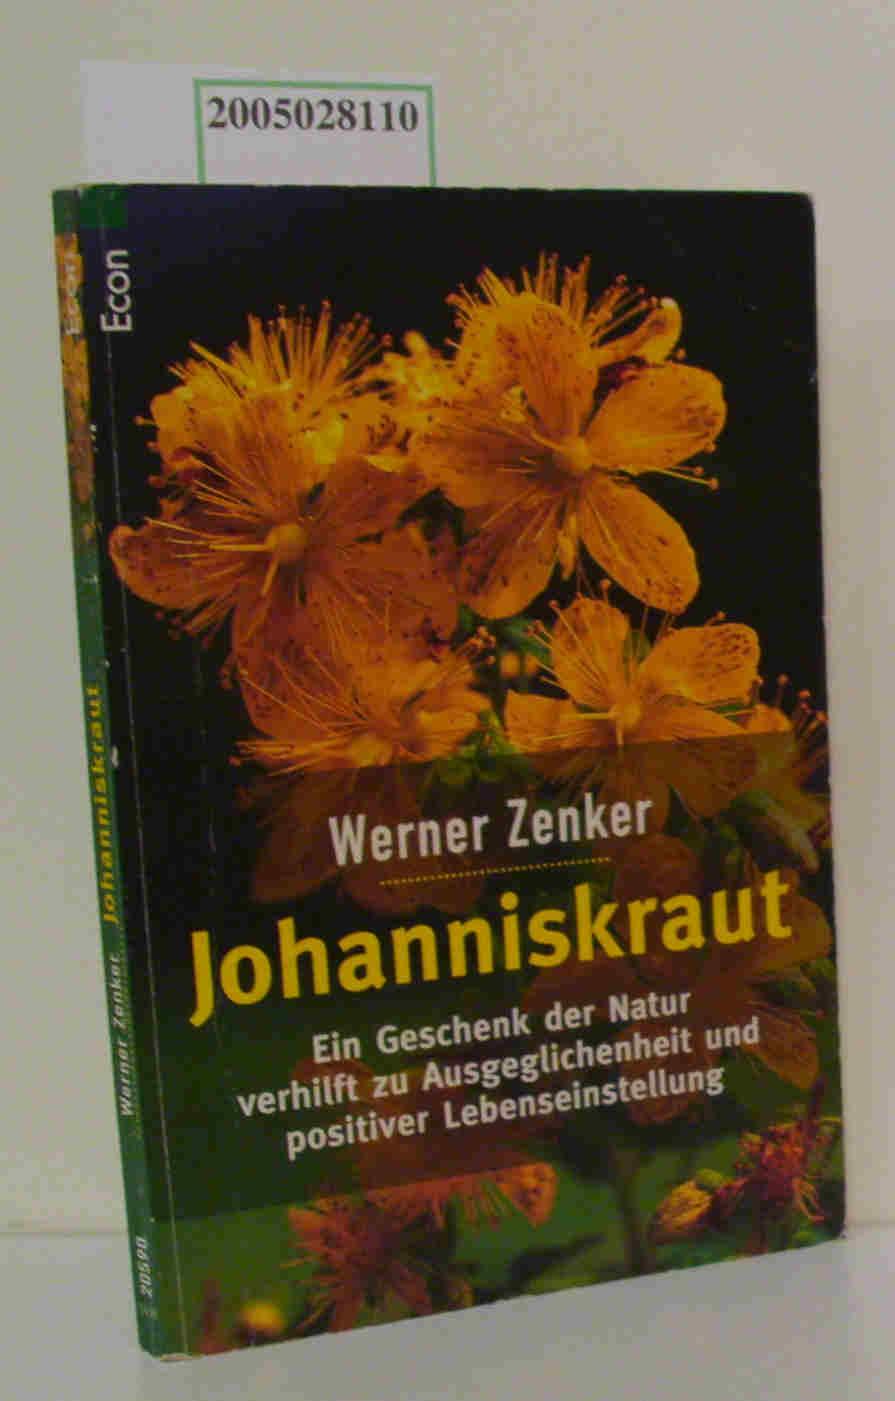 Johanniskraut ein Geschenk der Natur verhilft zu Ausgeglichenheit, Belastbarkeit und positiver Lebenseinstellung / Werner Zenker